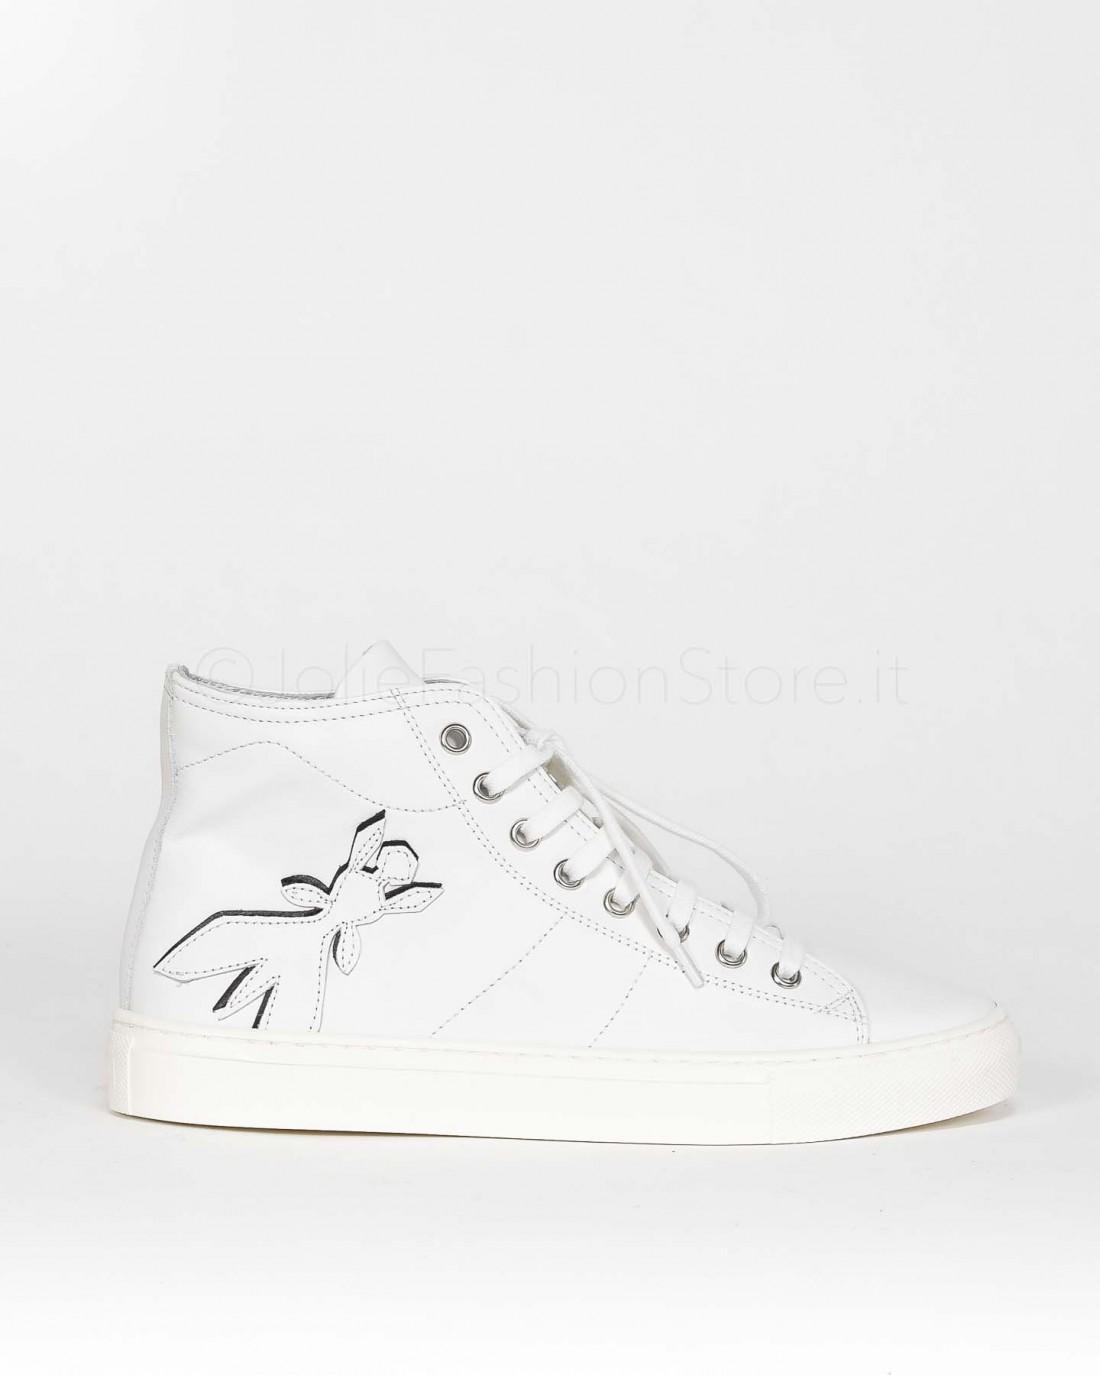 Patrizia Pepe Sneakers Bianche Alte  2VA259A3KW-W146